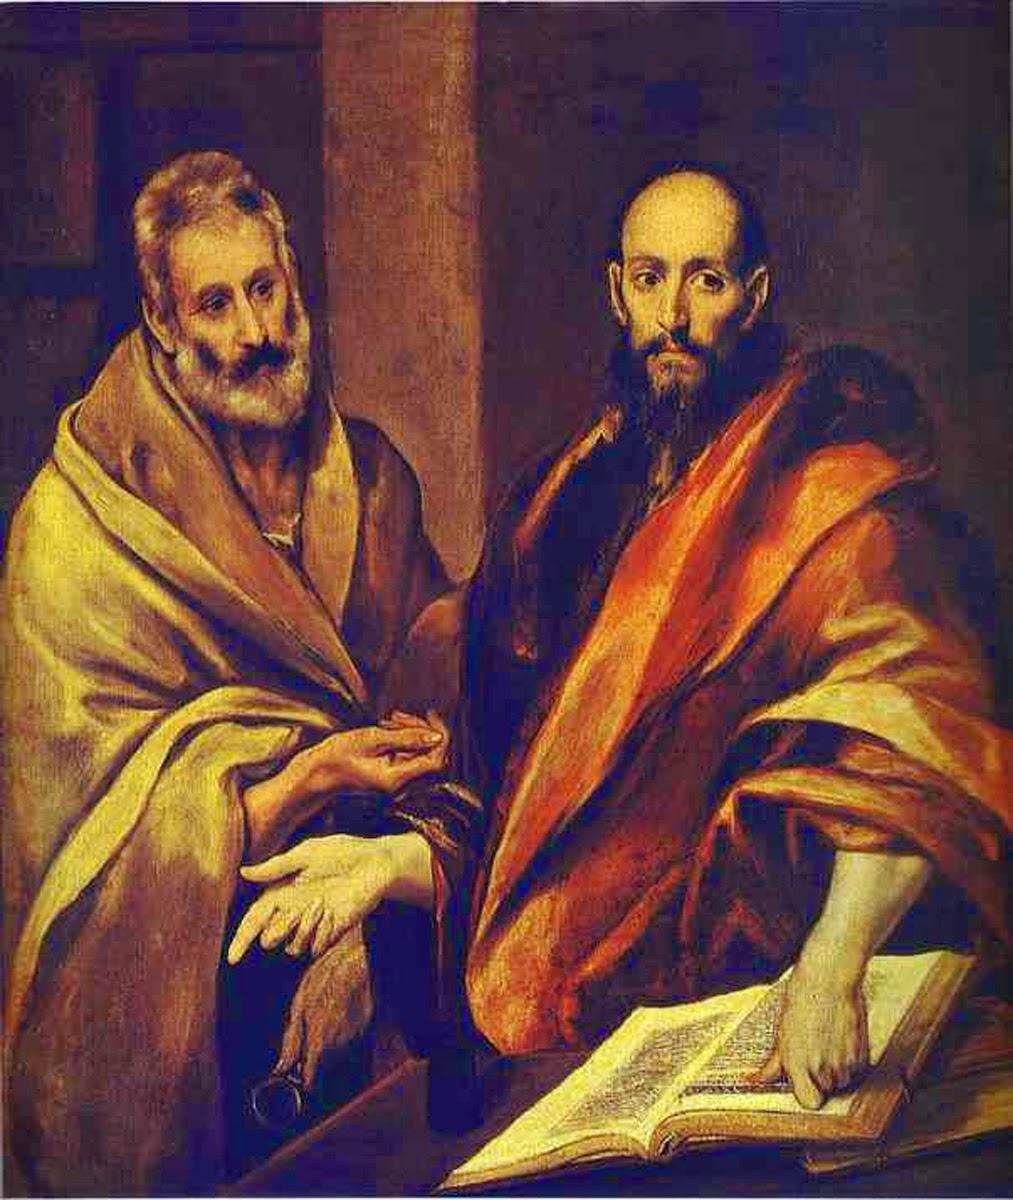 «Πέτρος και Παύλος» του Δομίνικου Θεοτοκόπουλου